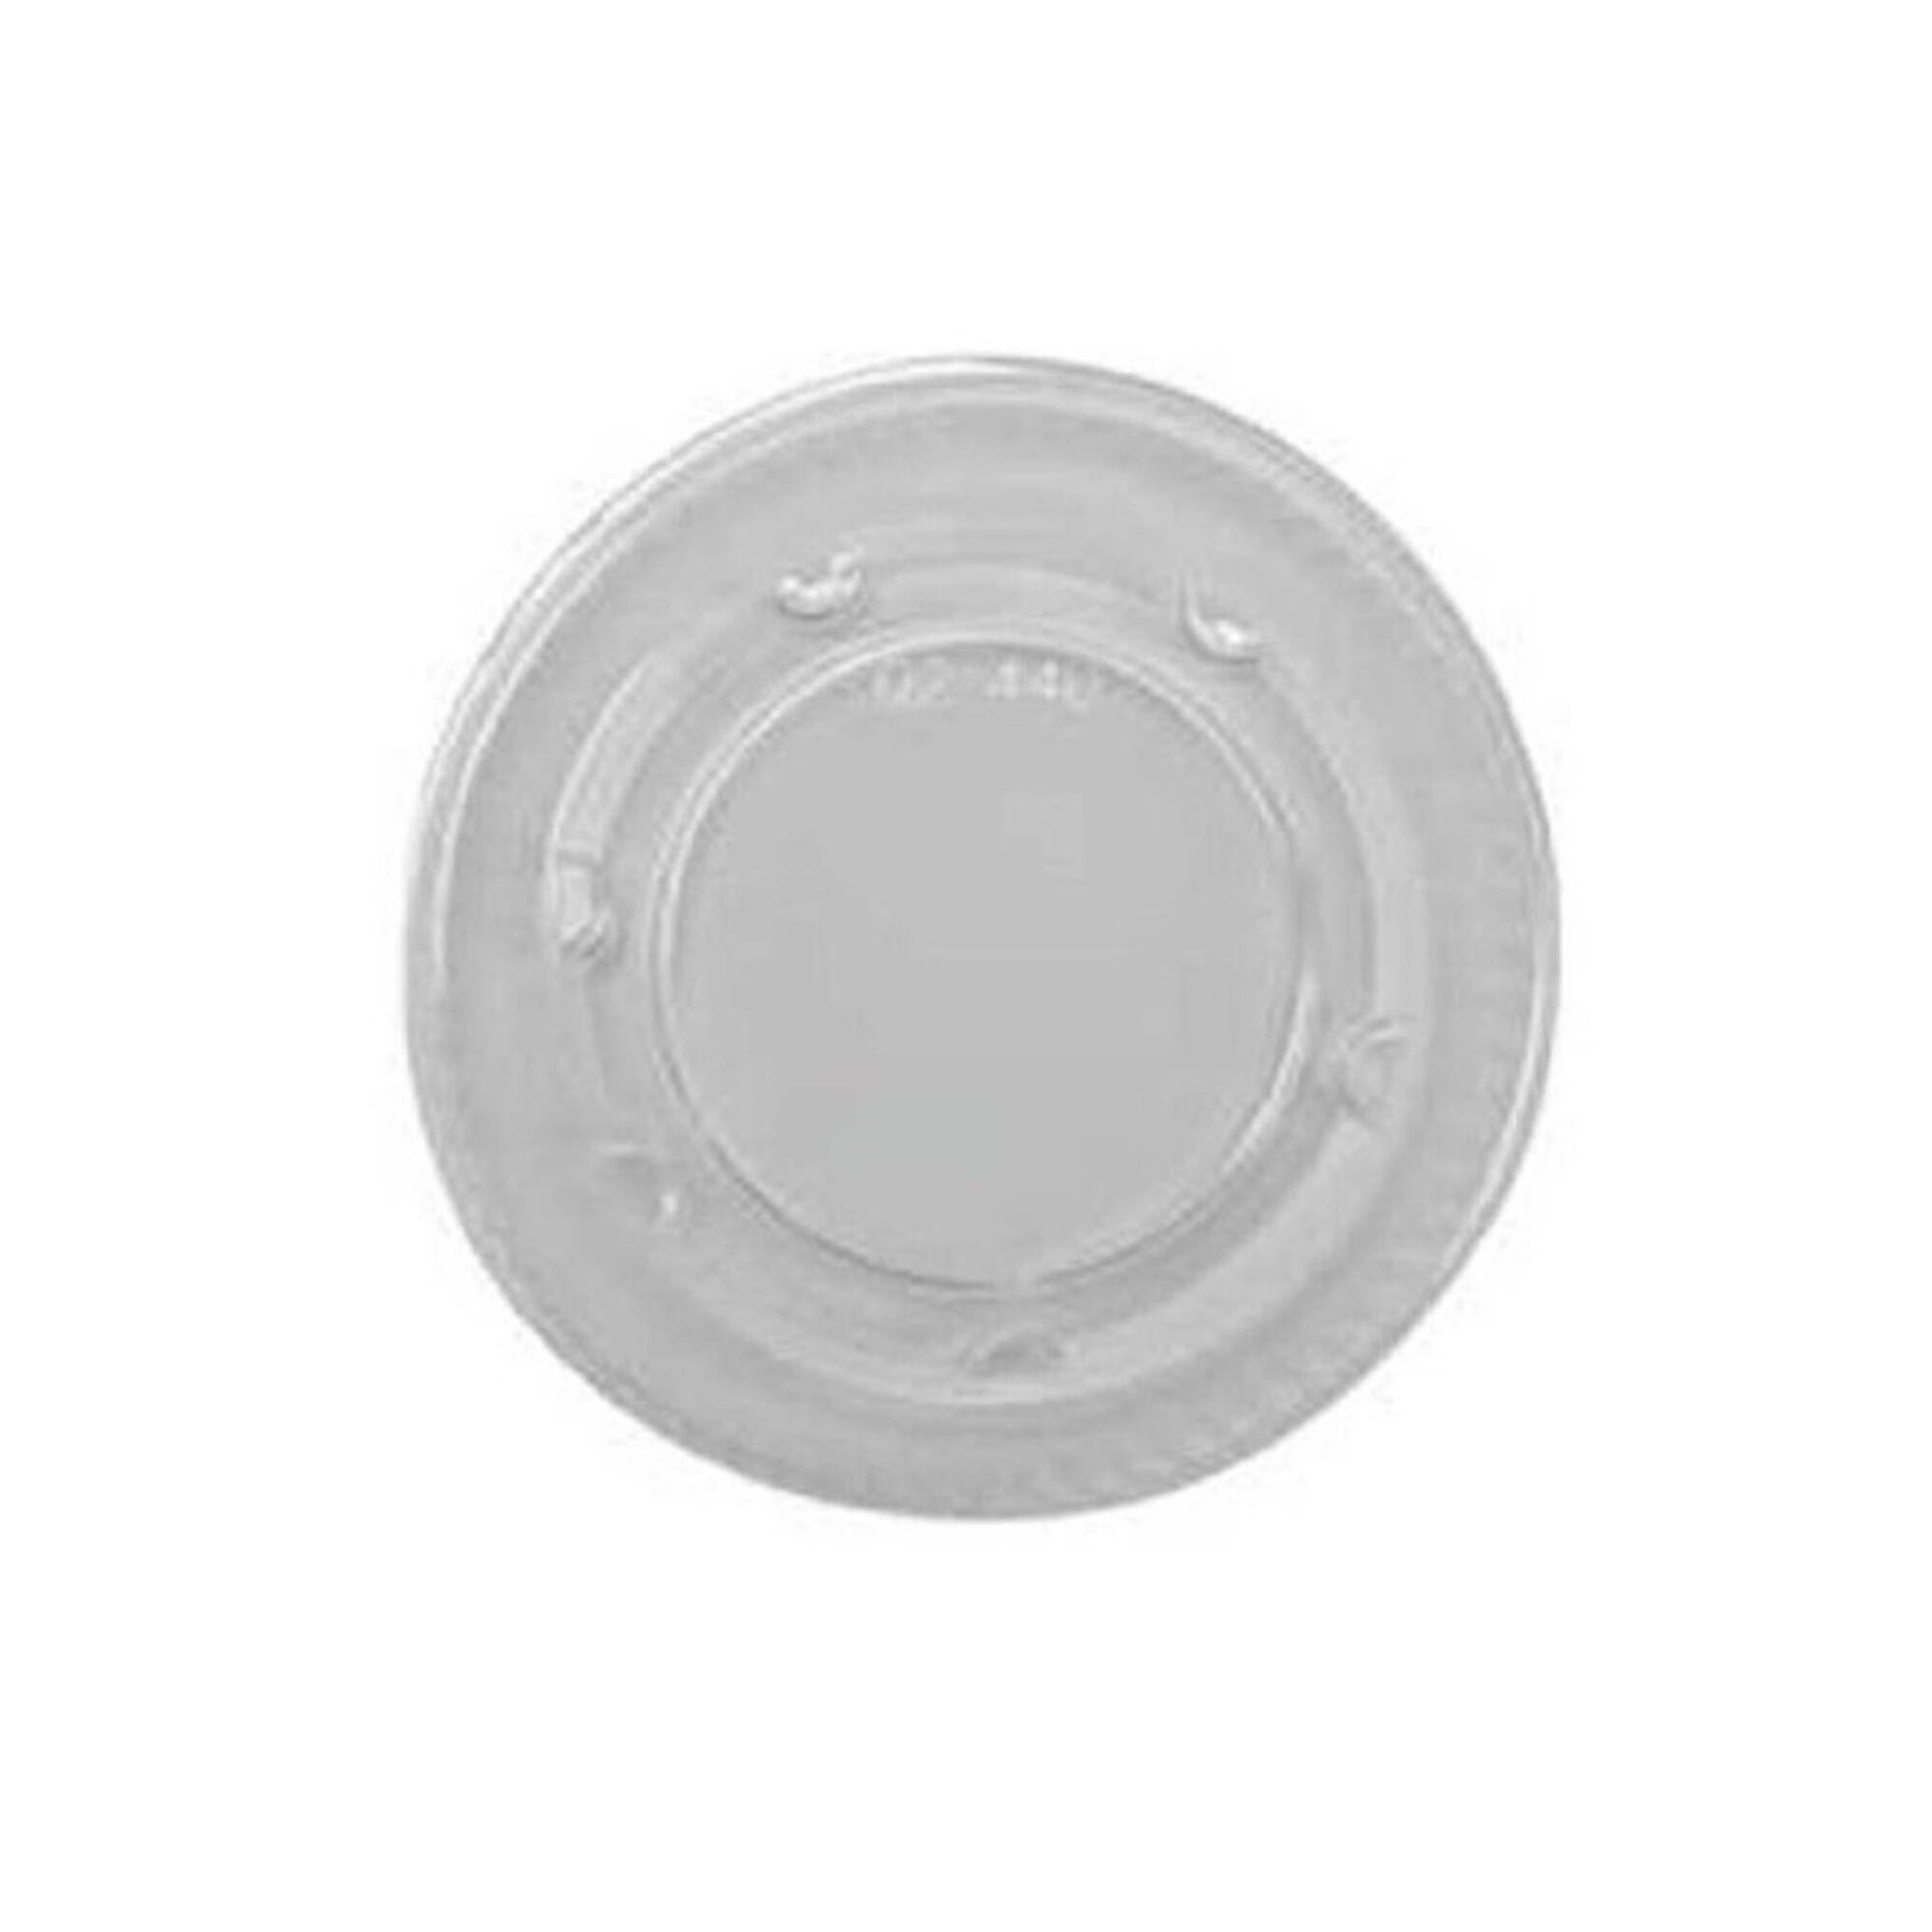 Tampa Plástico para Copo Molho Branca